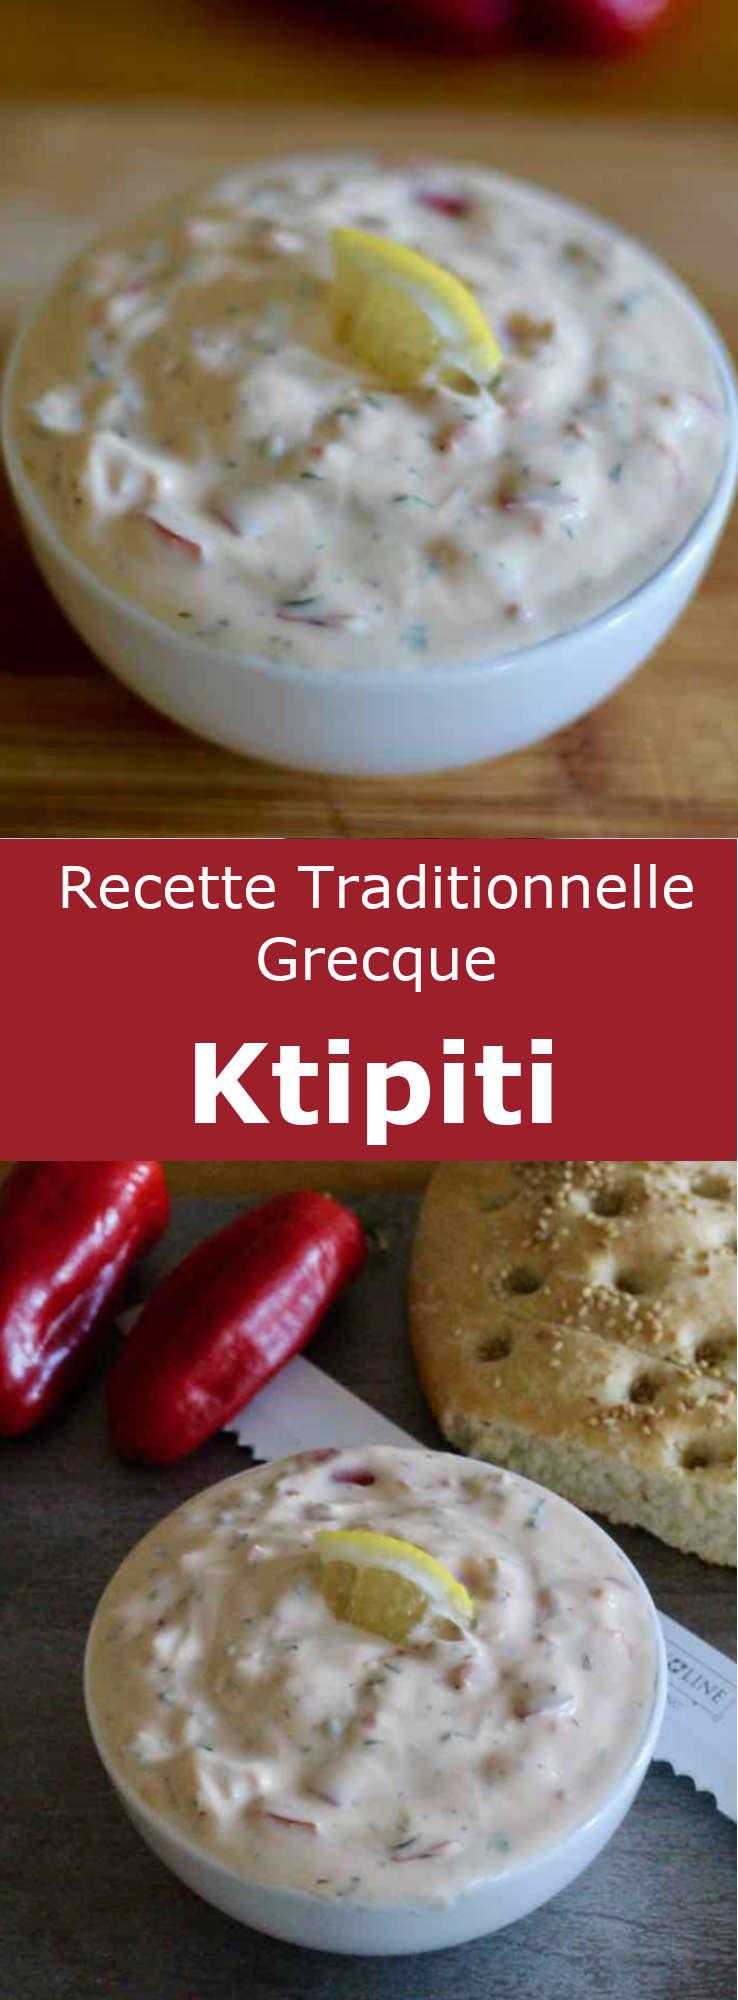 Le ktipiti, tirokafteri ou kopanisti est un délicieux meze de la cuisine grecque principalement à base de feta et poivron rouge. #Grece #RecetteGrecque #CuisineGrecque #CuisineMediterraneenne #CuisineDuMonde #196flavors